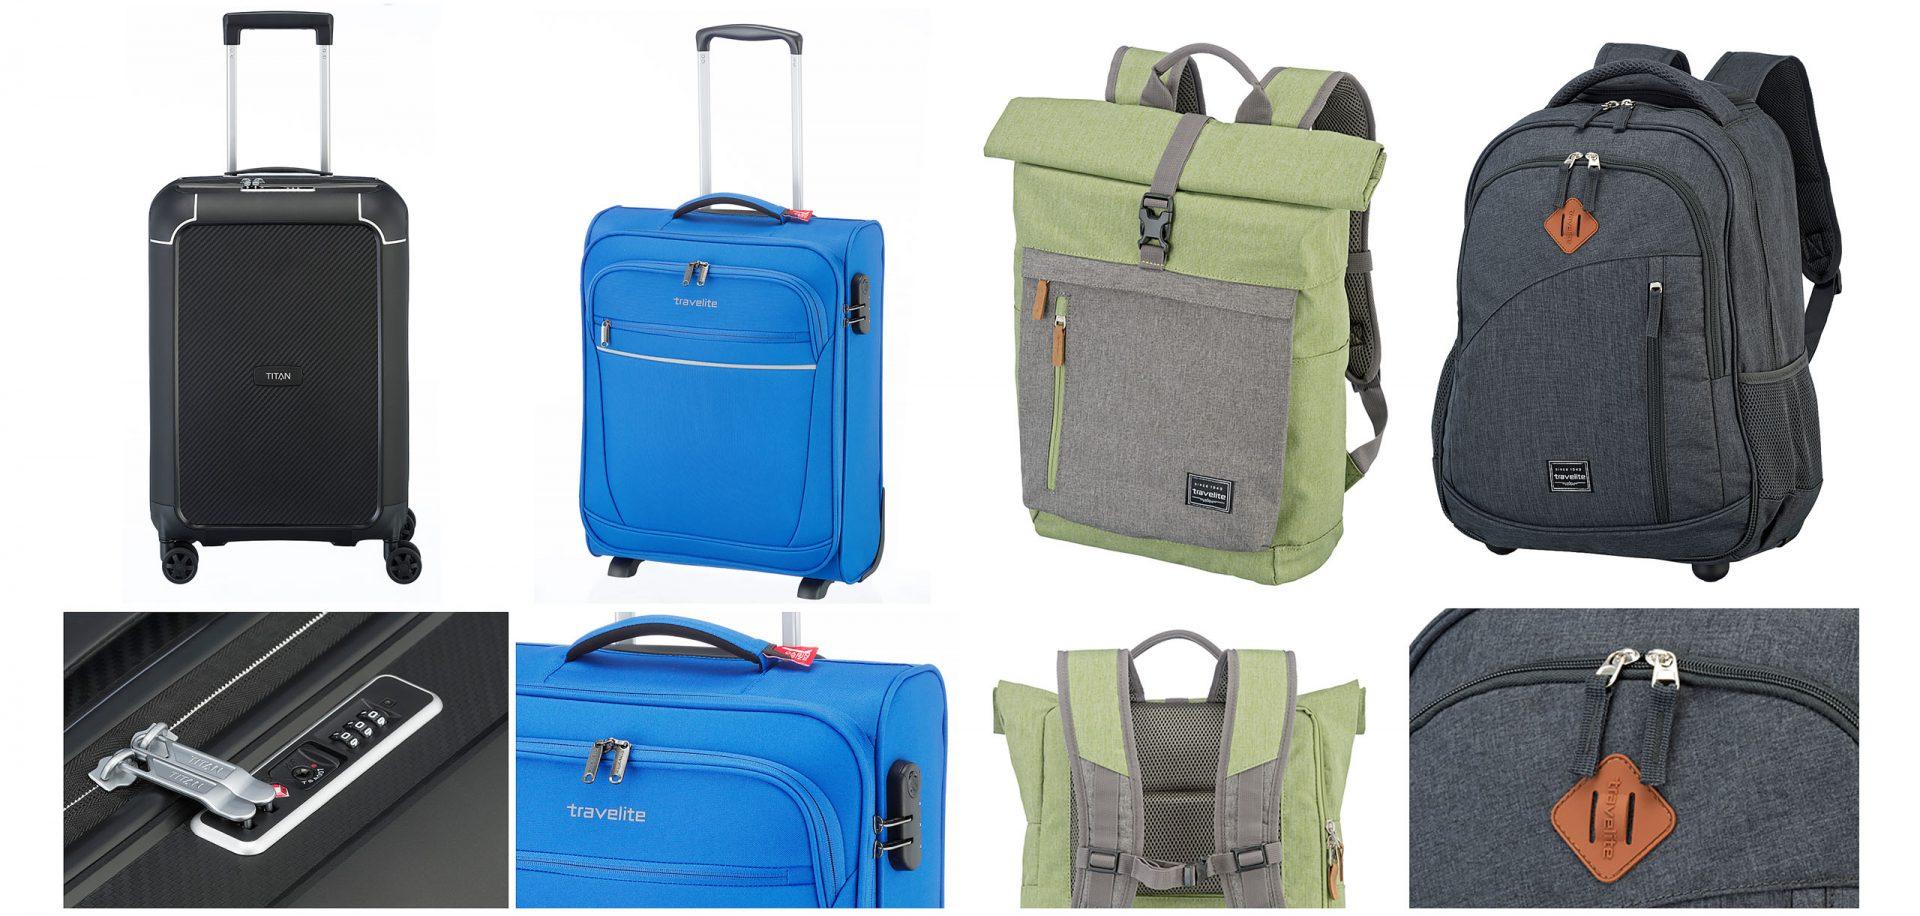 Kleinhempel Media Services Produktfotos verschiedener Trolleys und Taschen